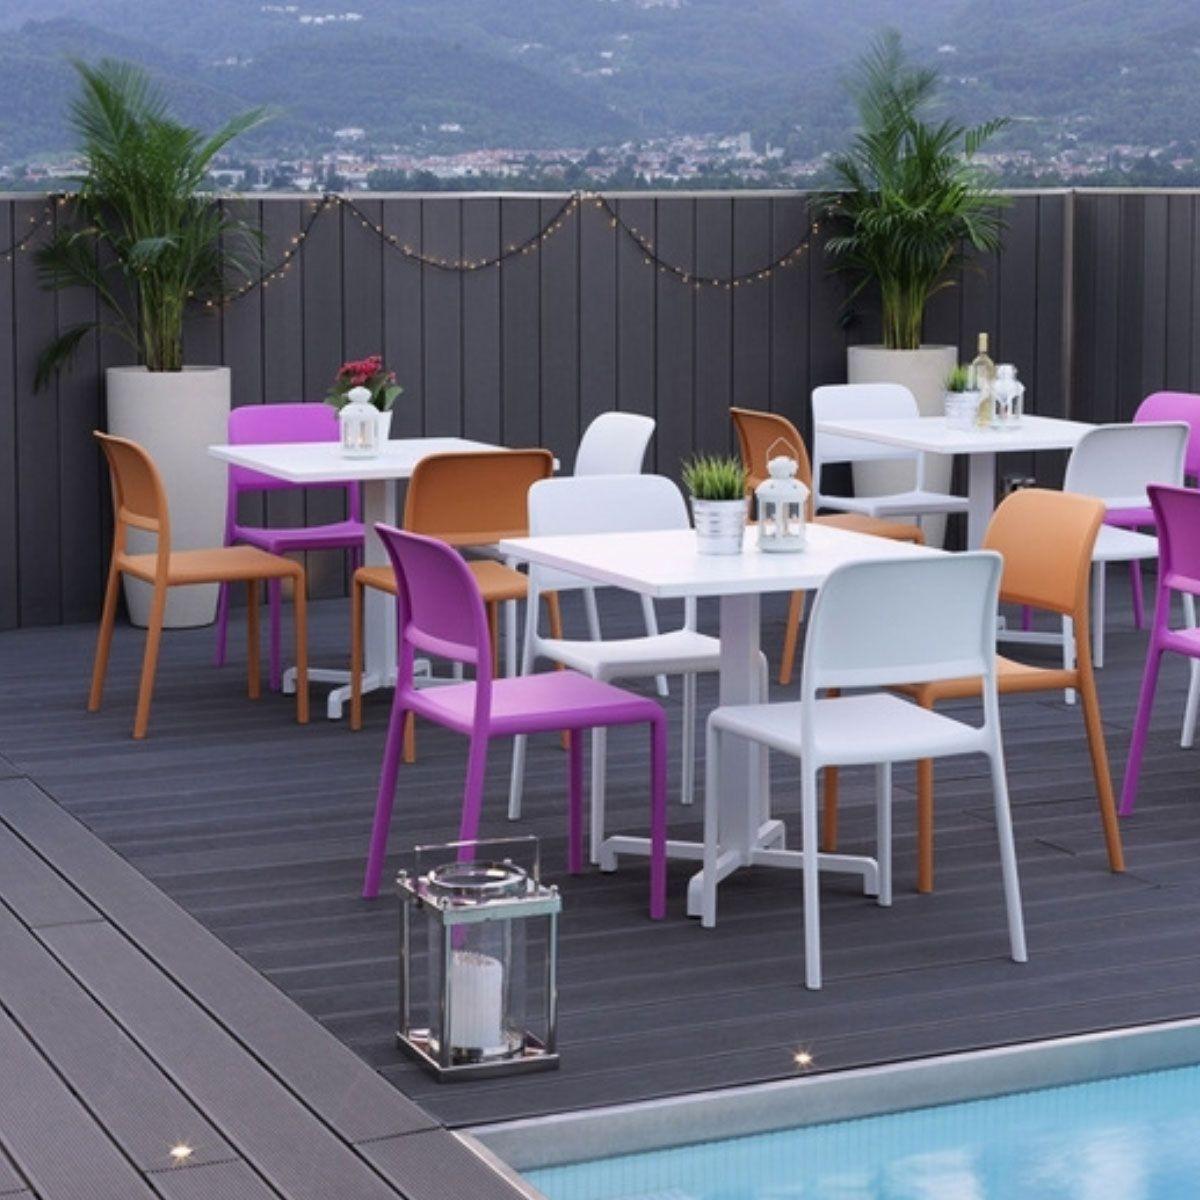 Chaise De Jardin Colorée & Design Riva Bistrot - Taille ... à Chaise Jardin Colorée